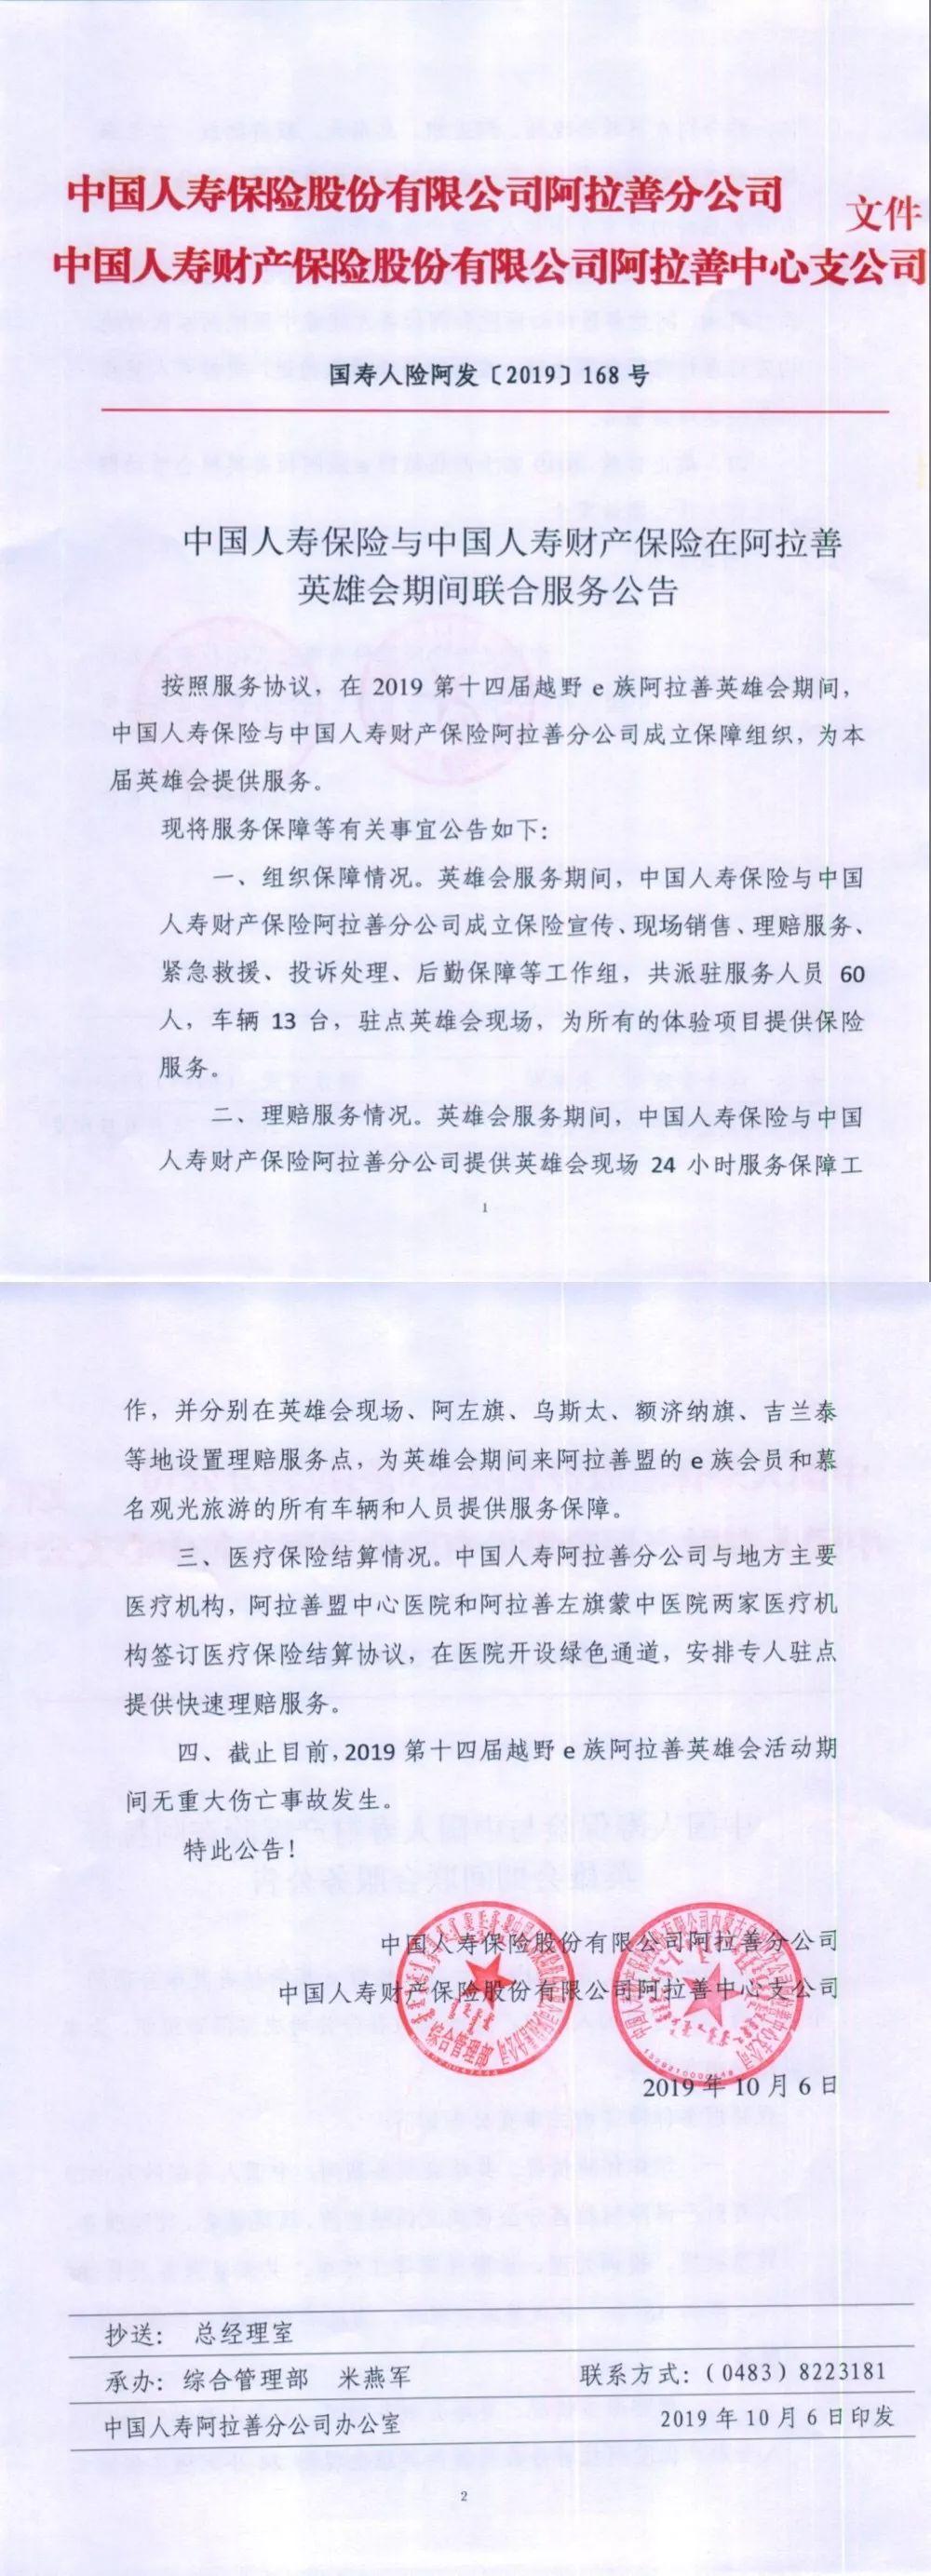 阿拉善事件人寿公司公告:2019阿拉善英雄会无重大伤亡事故发生